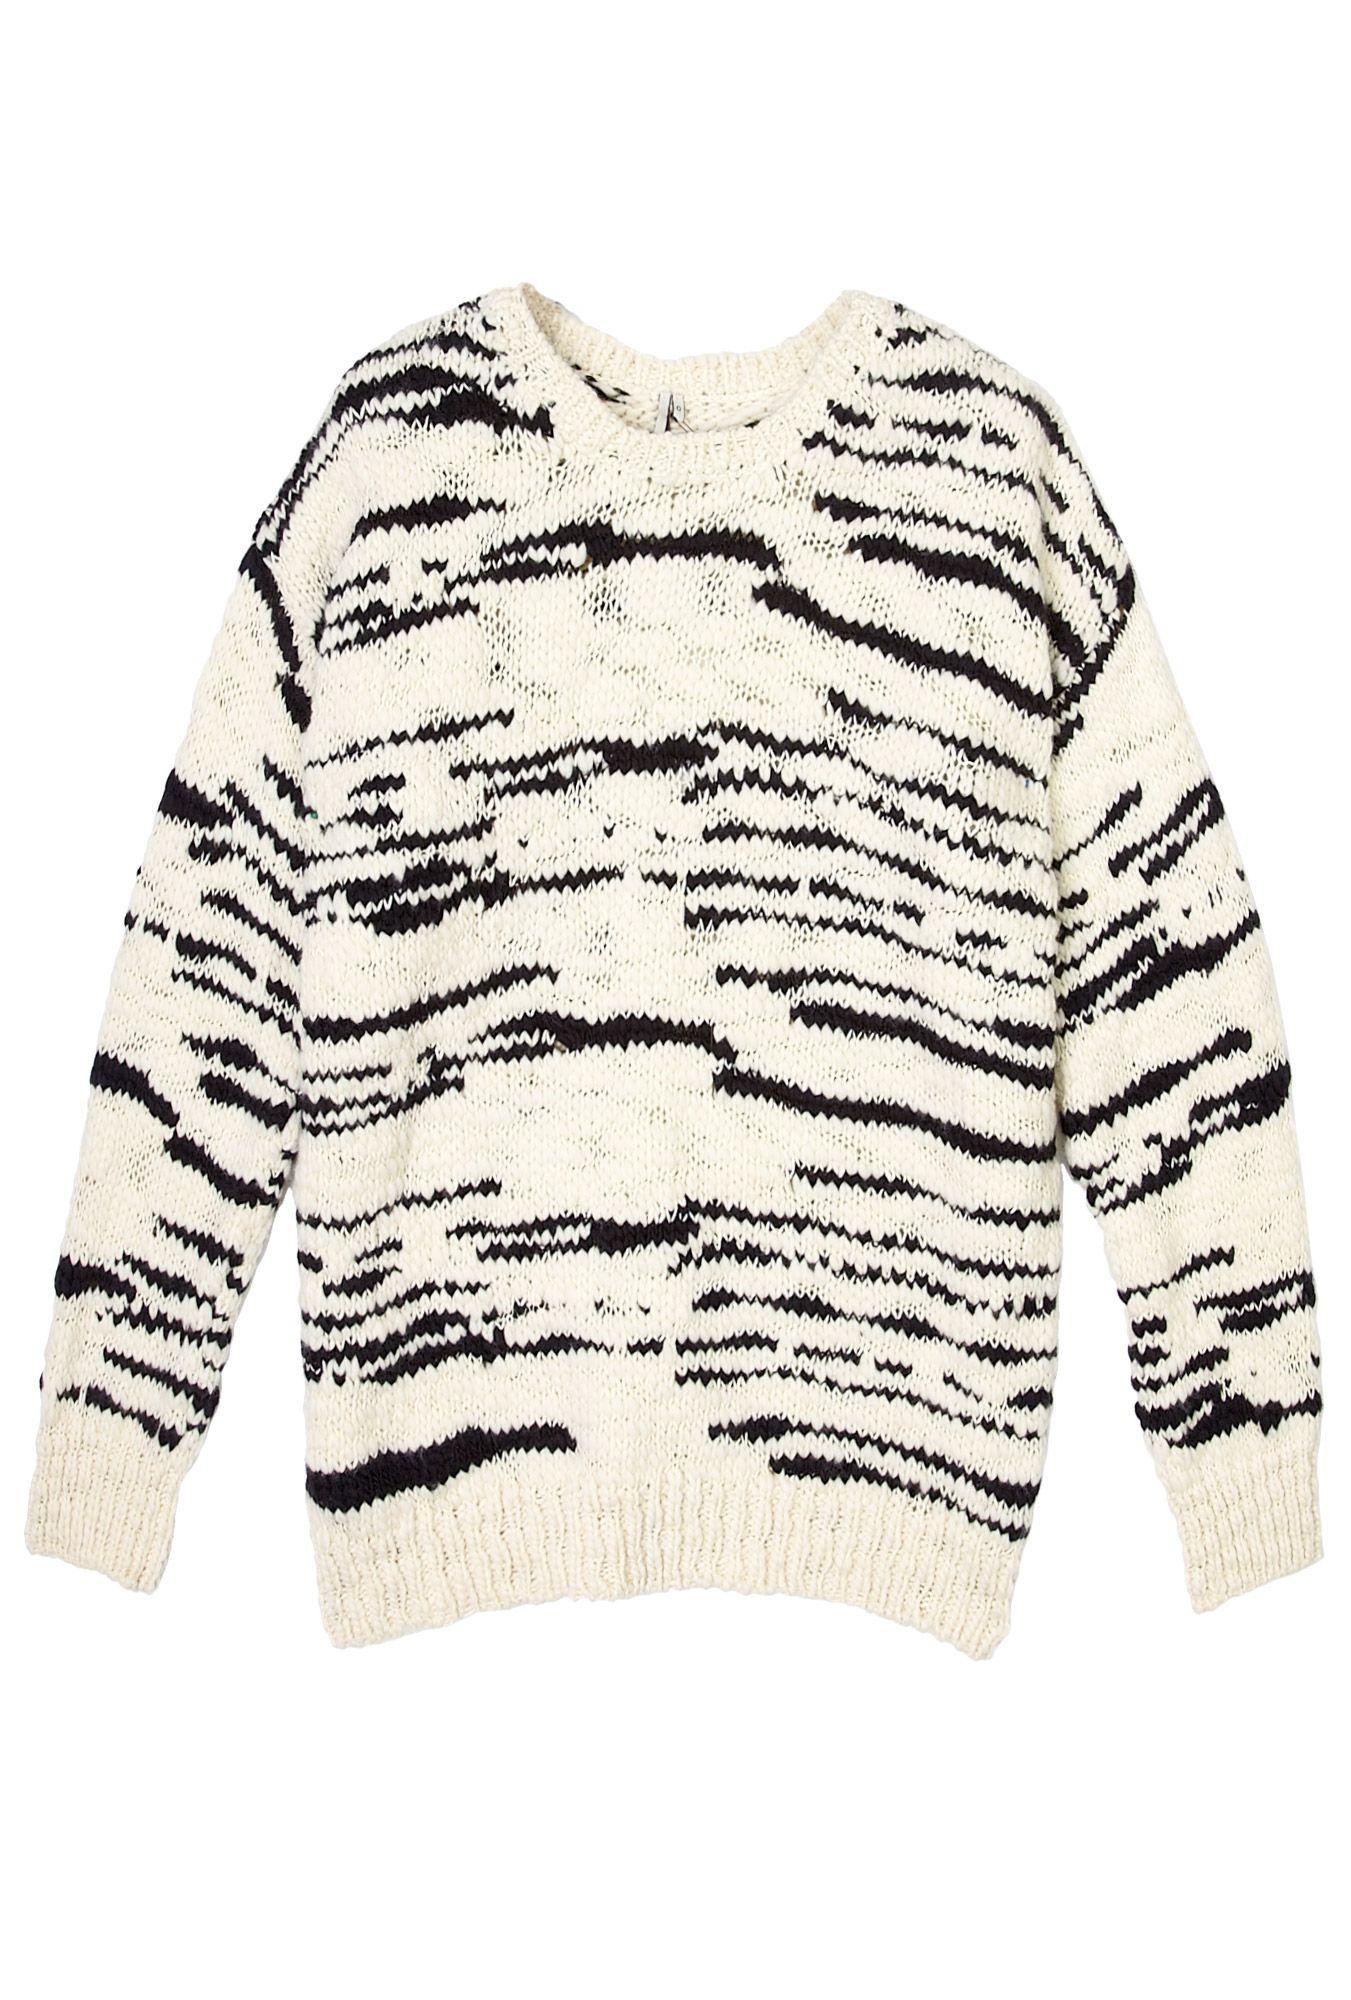 Cream and Black Merino Knitted Jumper by IRO